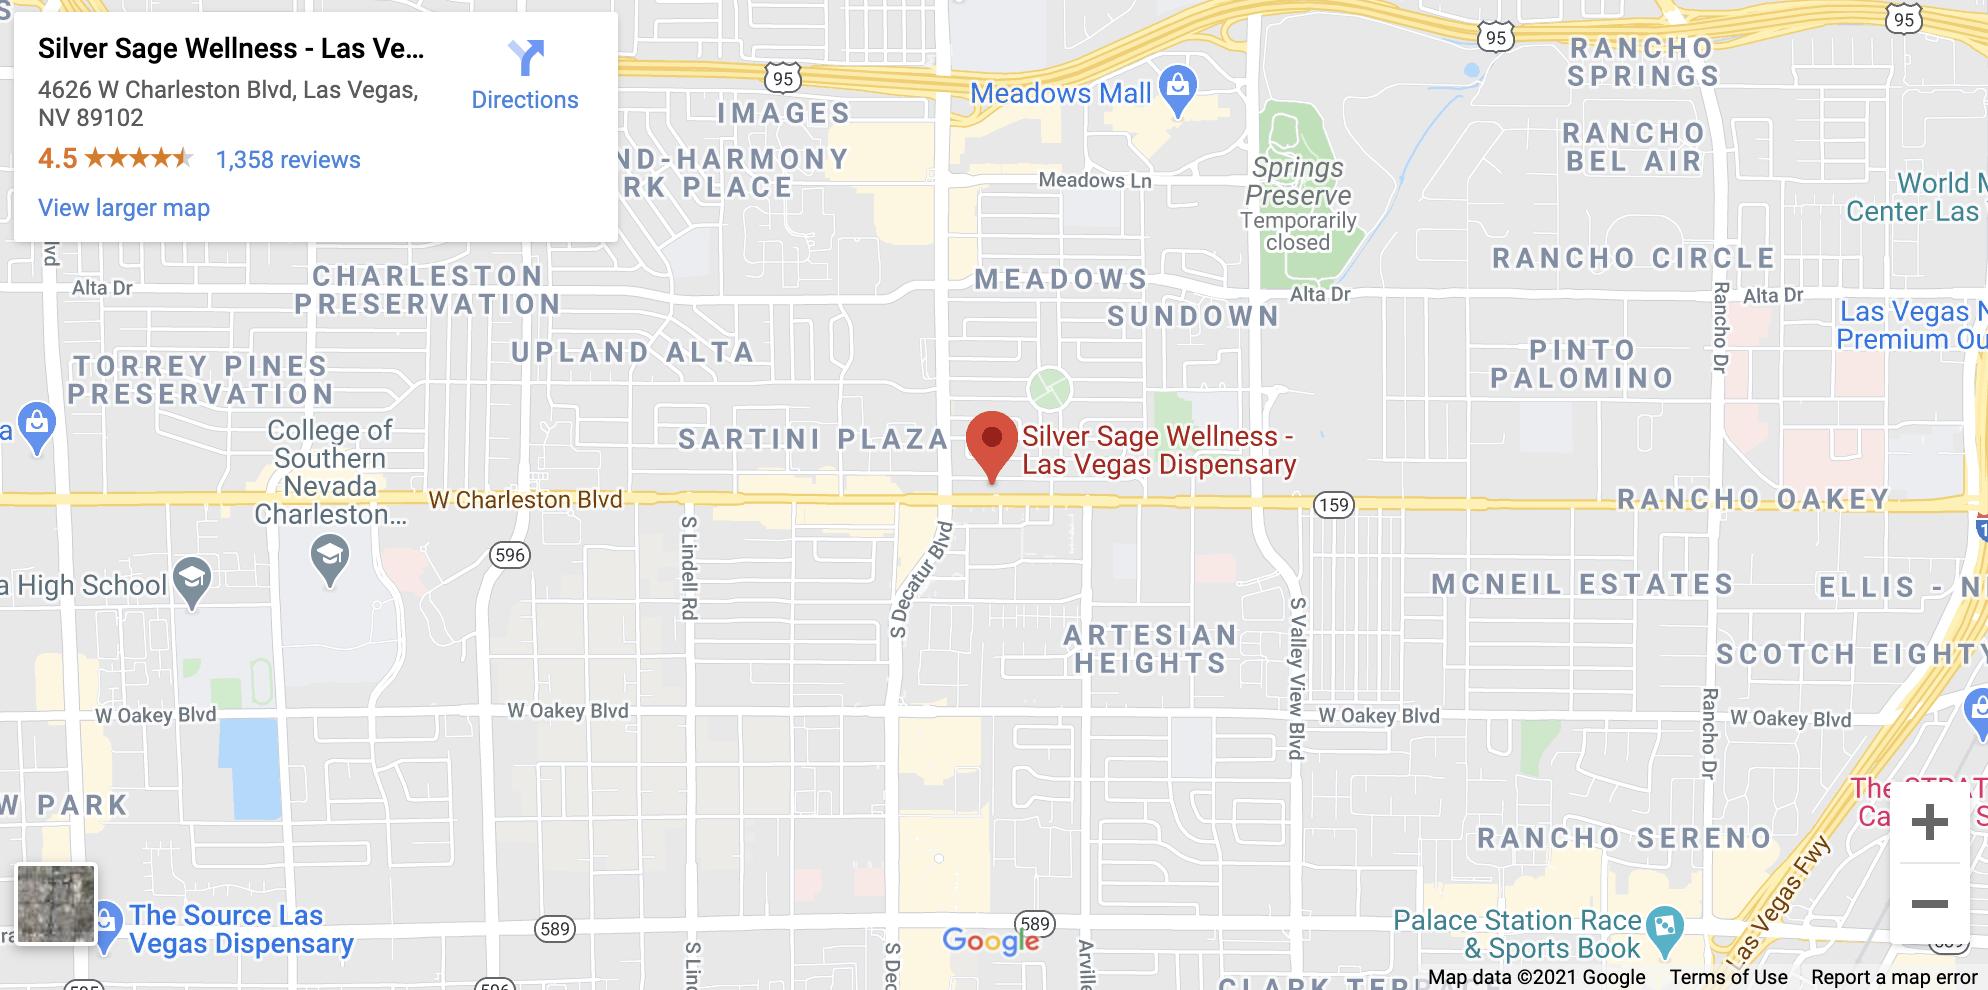 las vegas dispensary on google maps